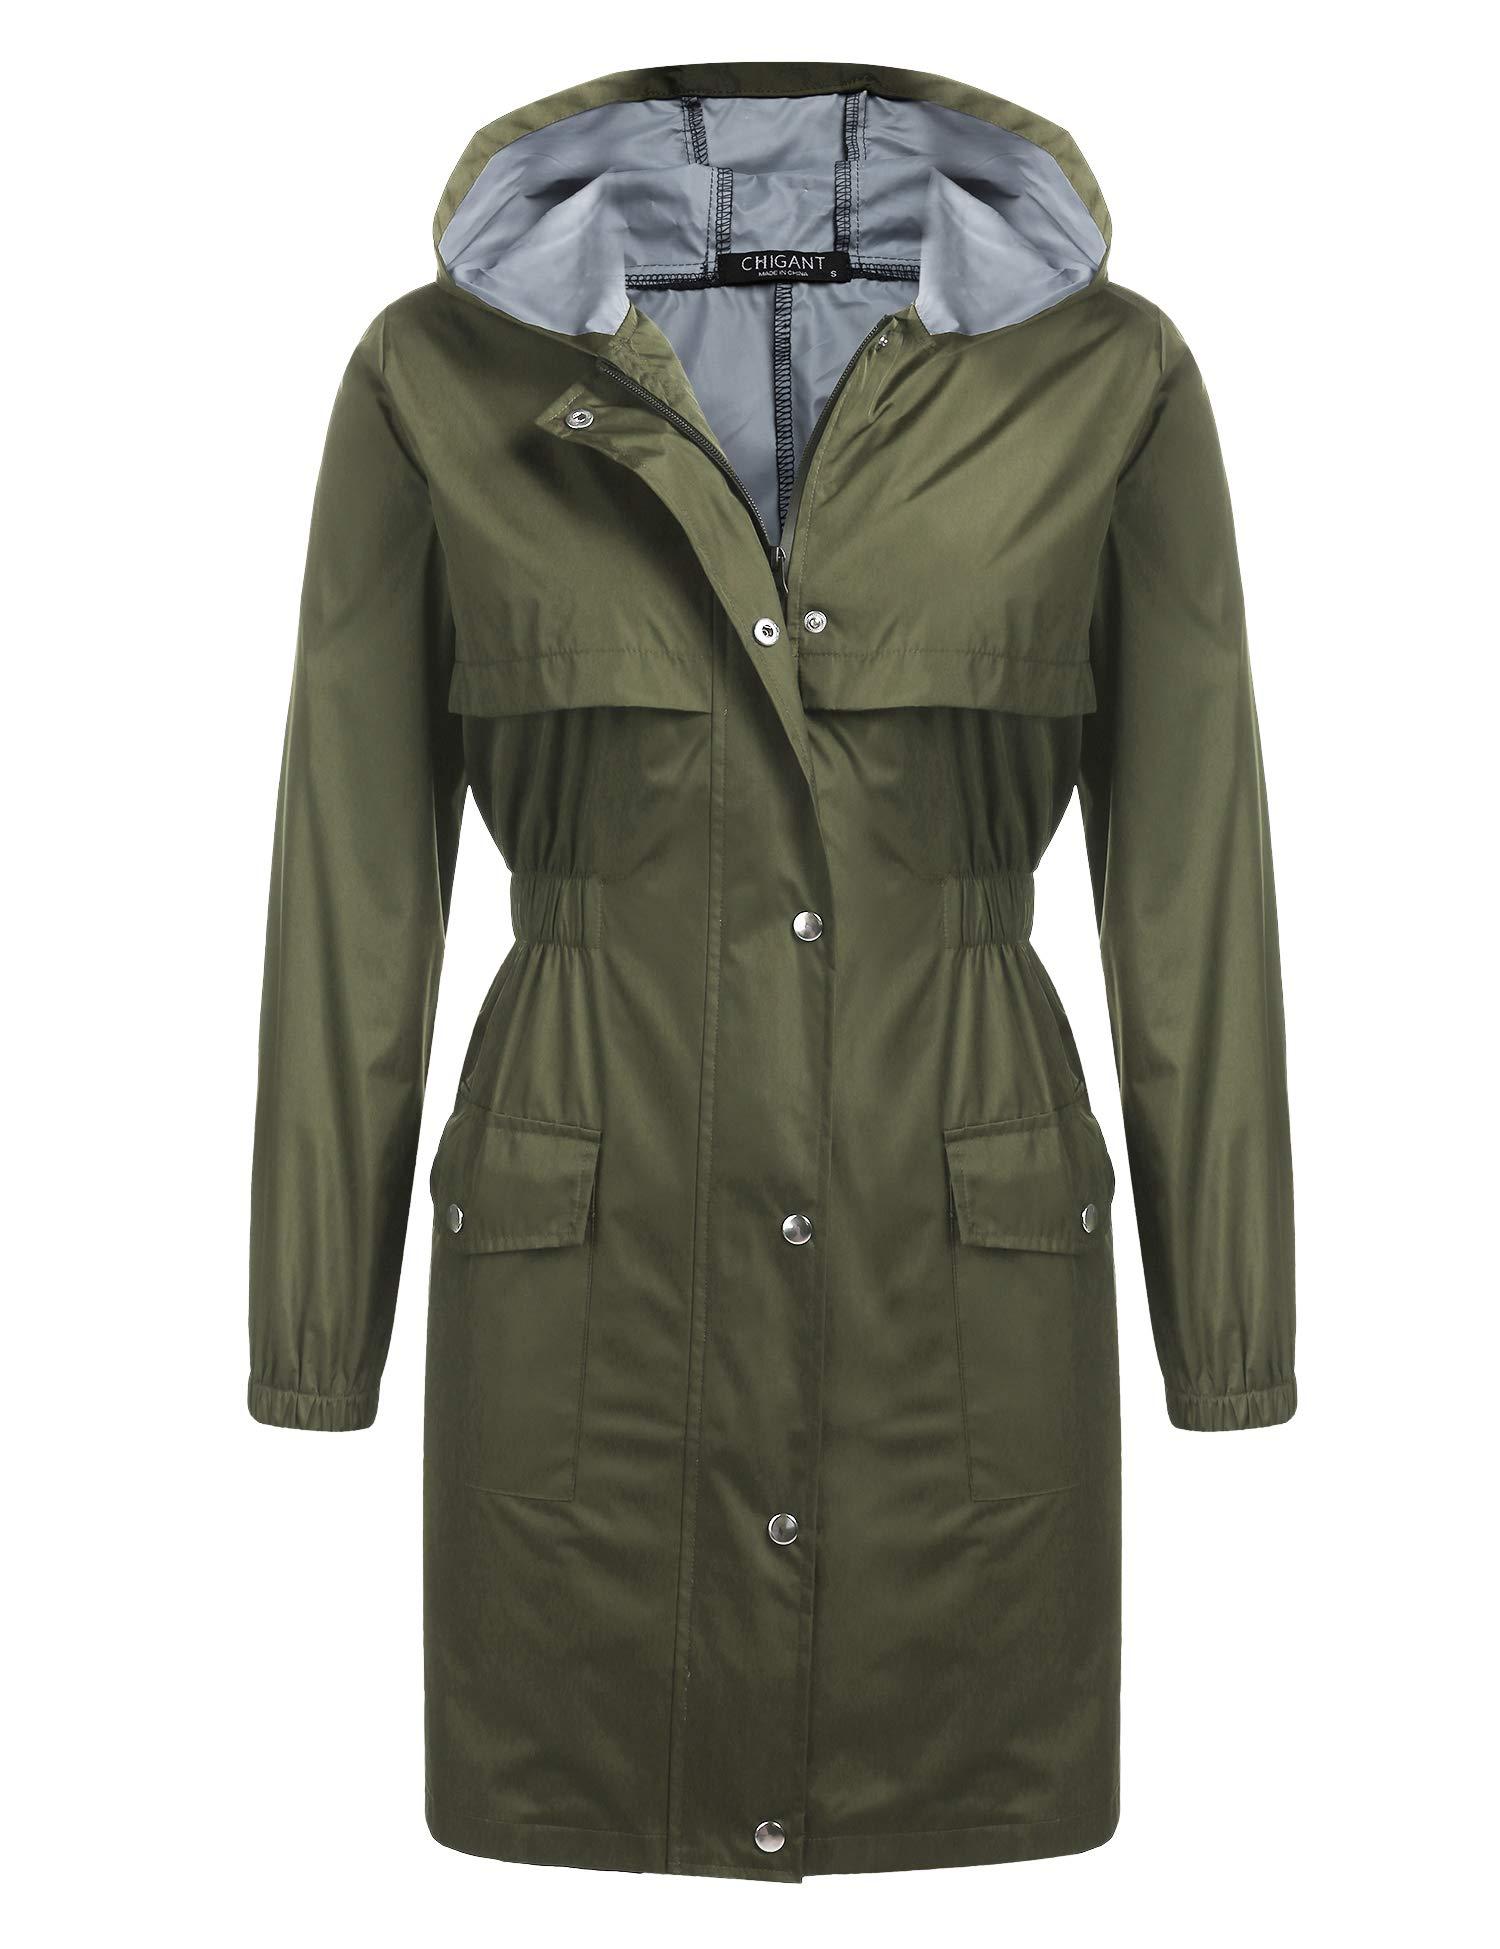 Chigant Women's Long Raincoat Lightweight Rain Jacket Waterproof Coat Jacket Windbreaker with Hooded